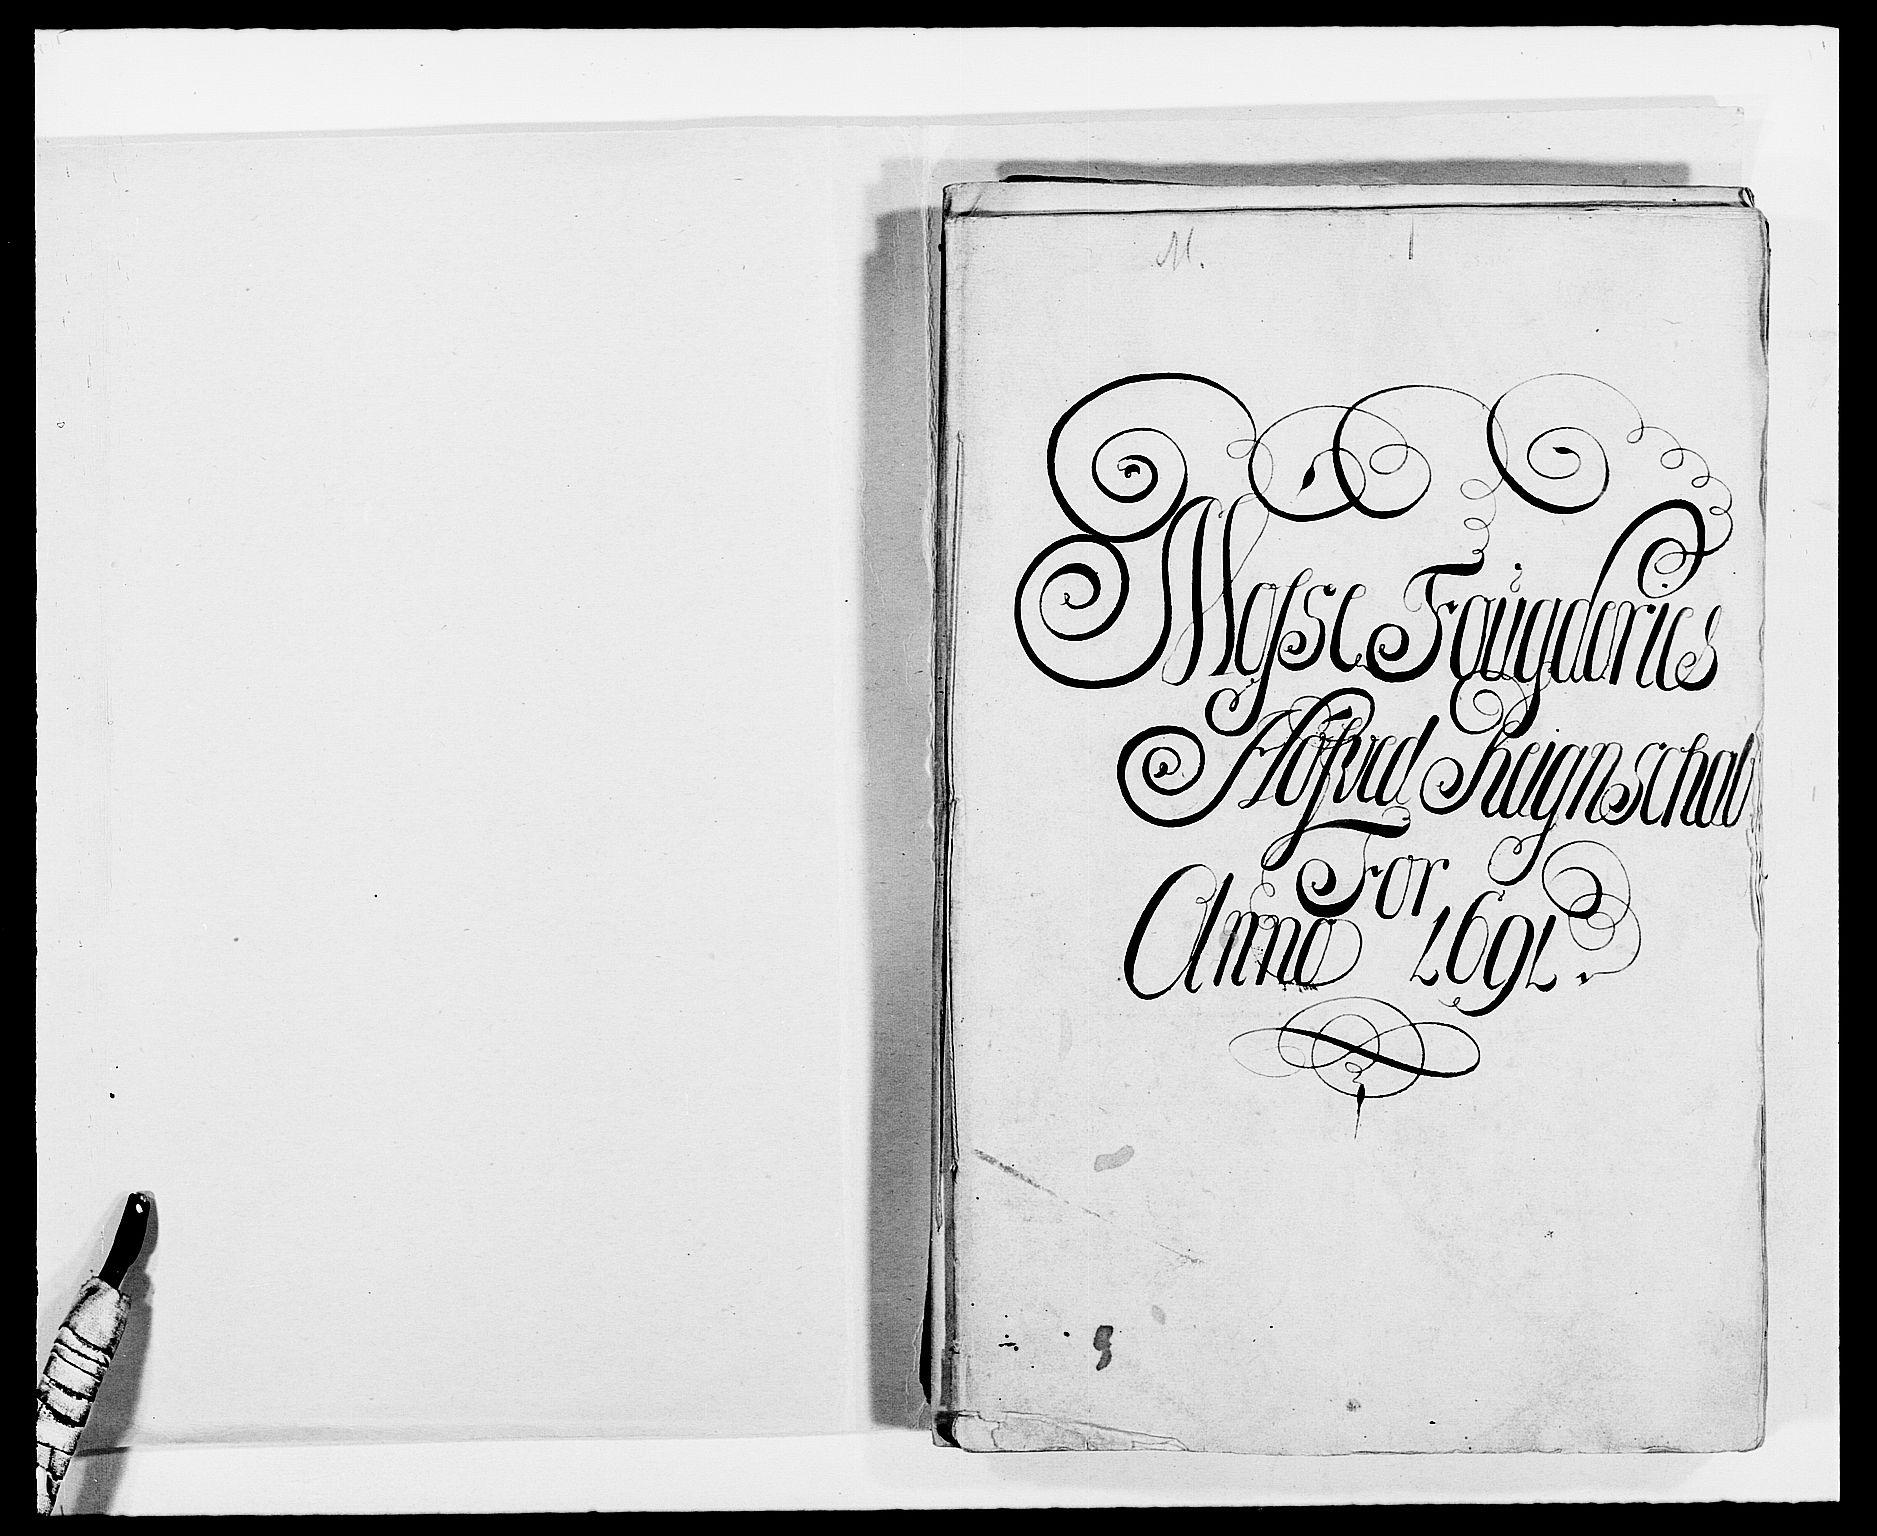 RA, Rentekammeret inntil 1814, Reviderte regnskaper, Fogderegnskap, R02/L0106: Fogderegnskap Moss og Verne kloster, 1688-1691, s. 424